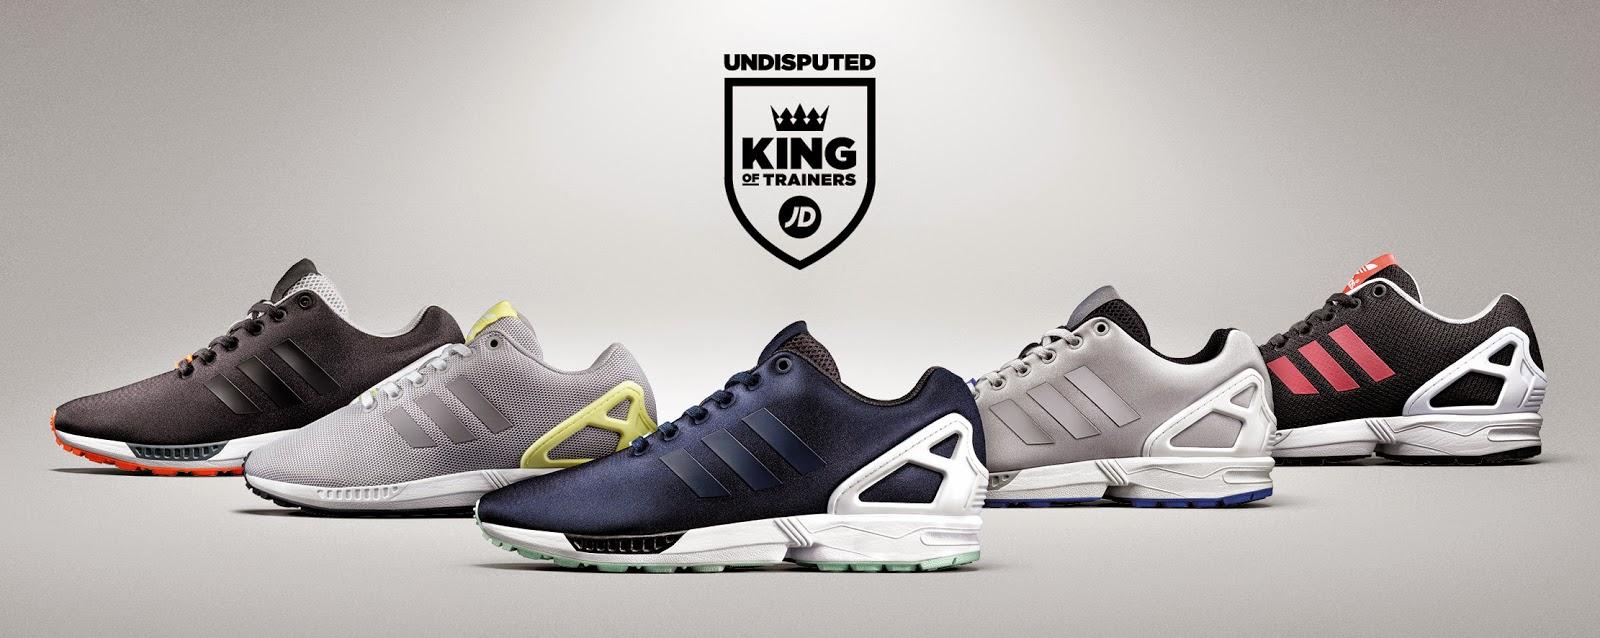 neue adidas - ausbilder jd k & k - sound